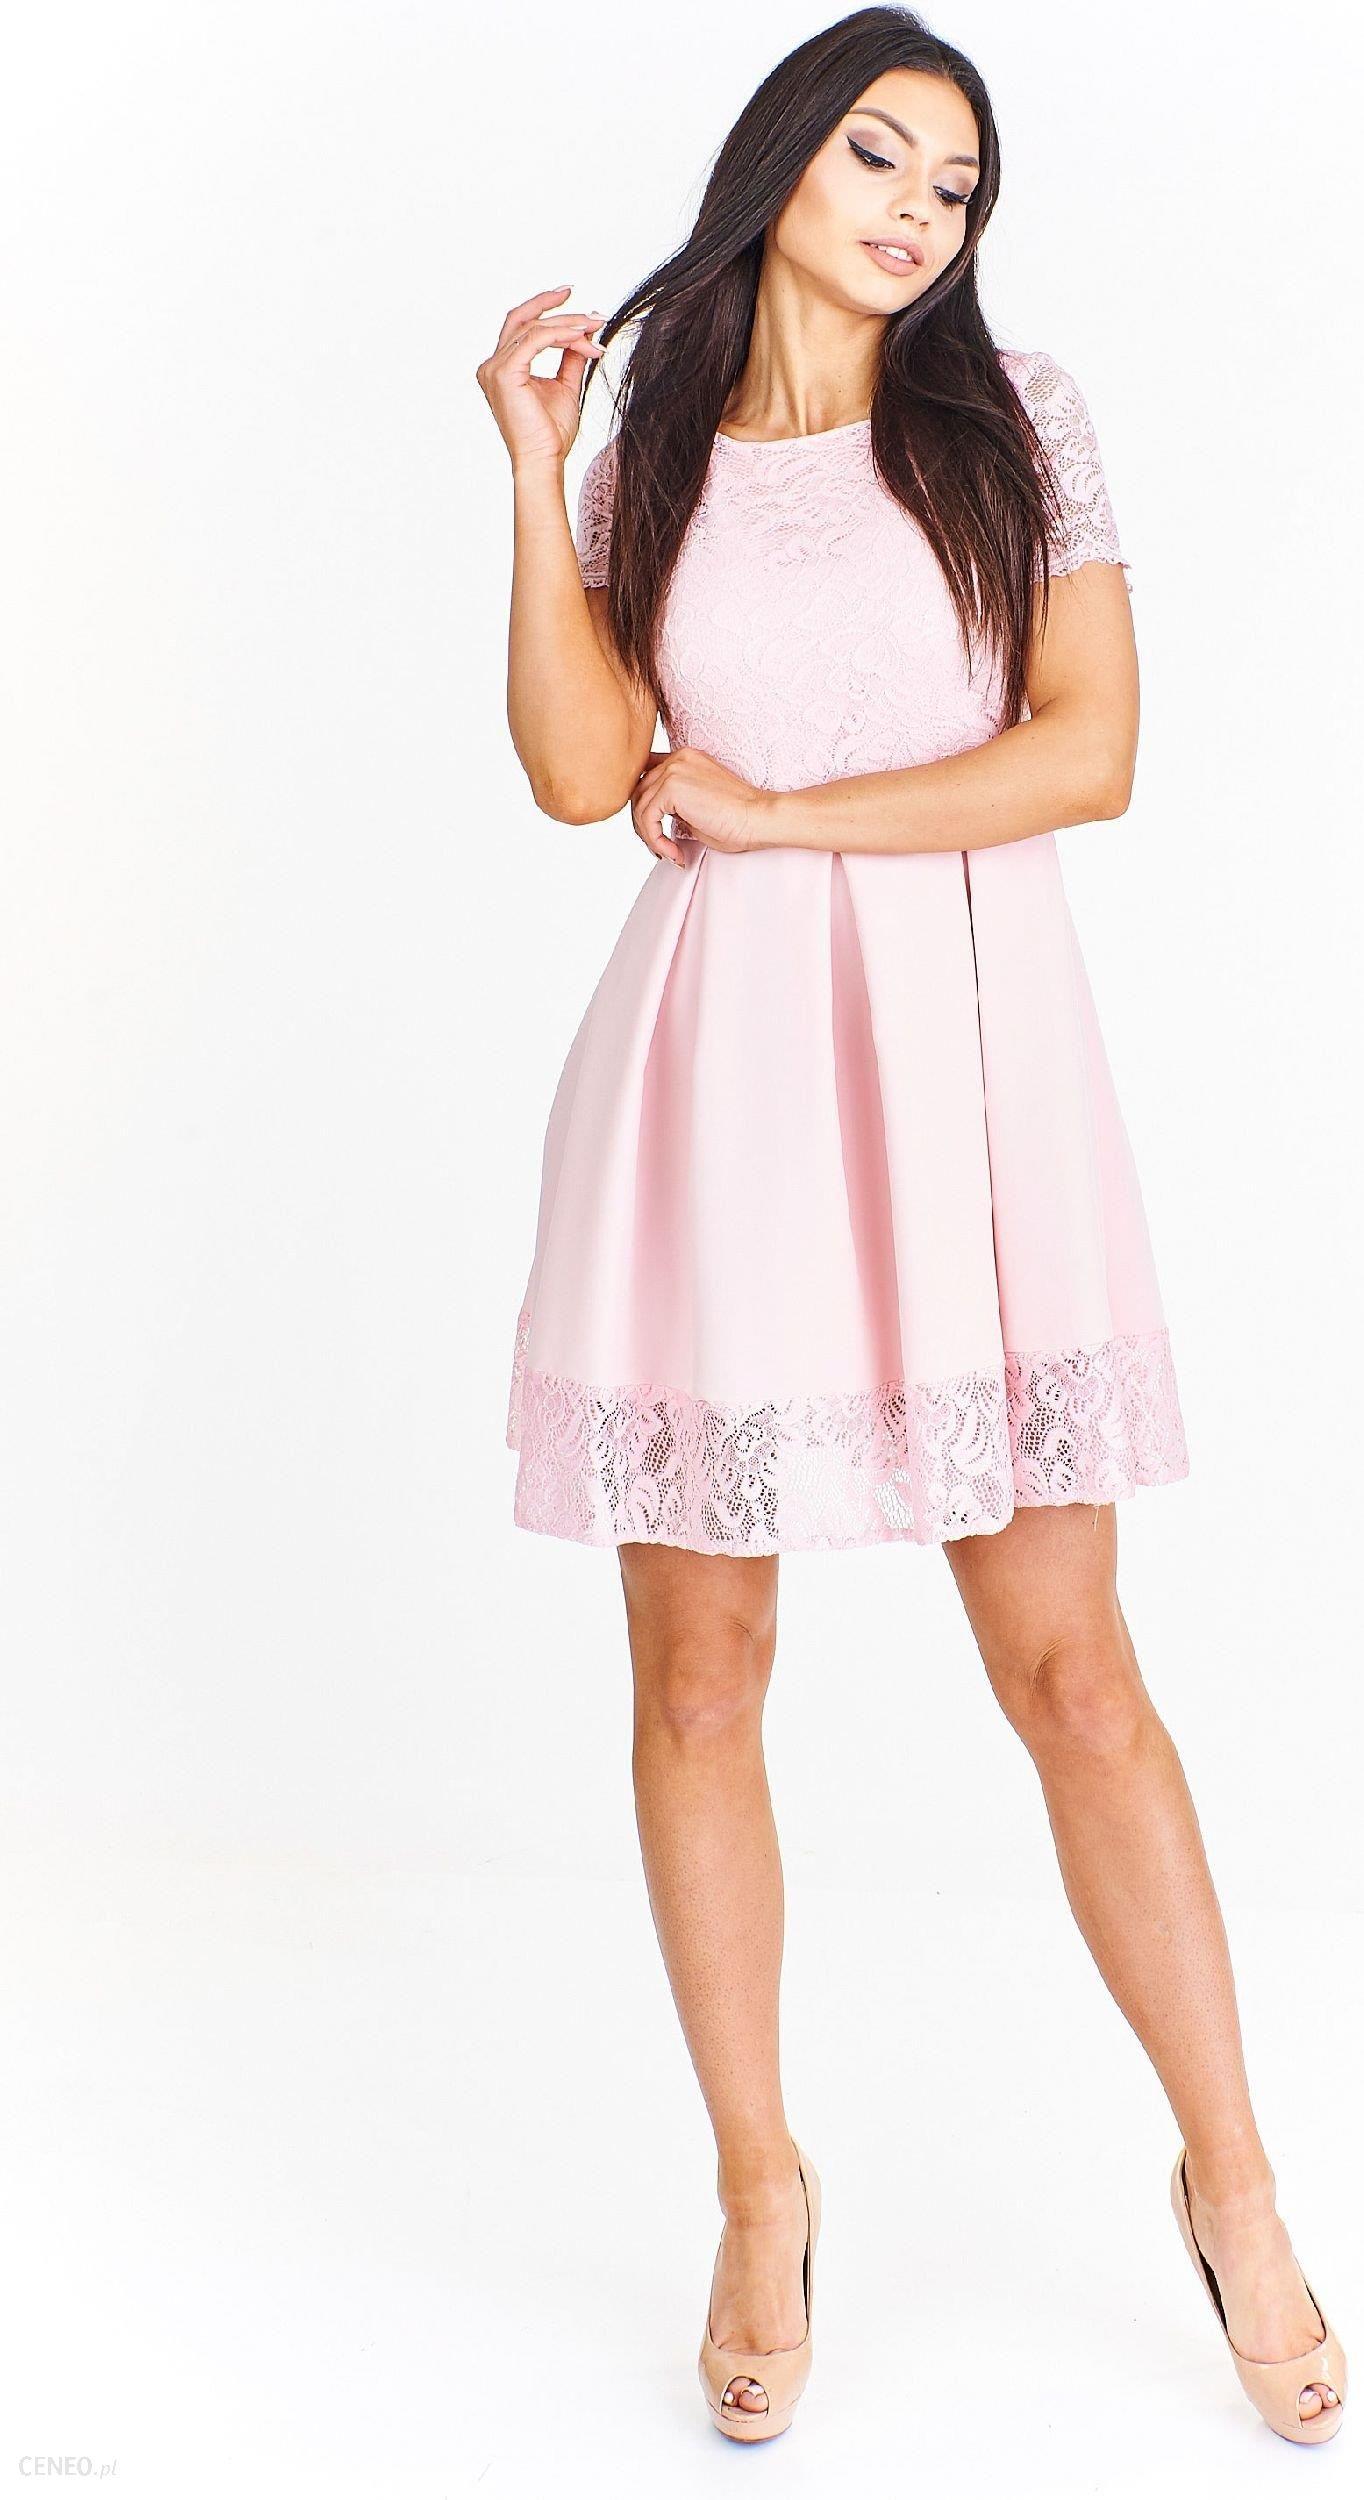 a00189ba0d Ptak Moda Koktajlowa sukienka mini wykończona koronką M54889 różowa r. 44 -  zdjęcie 1